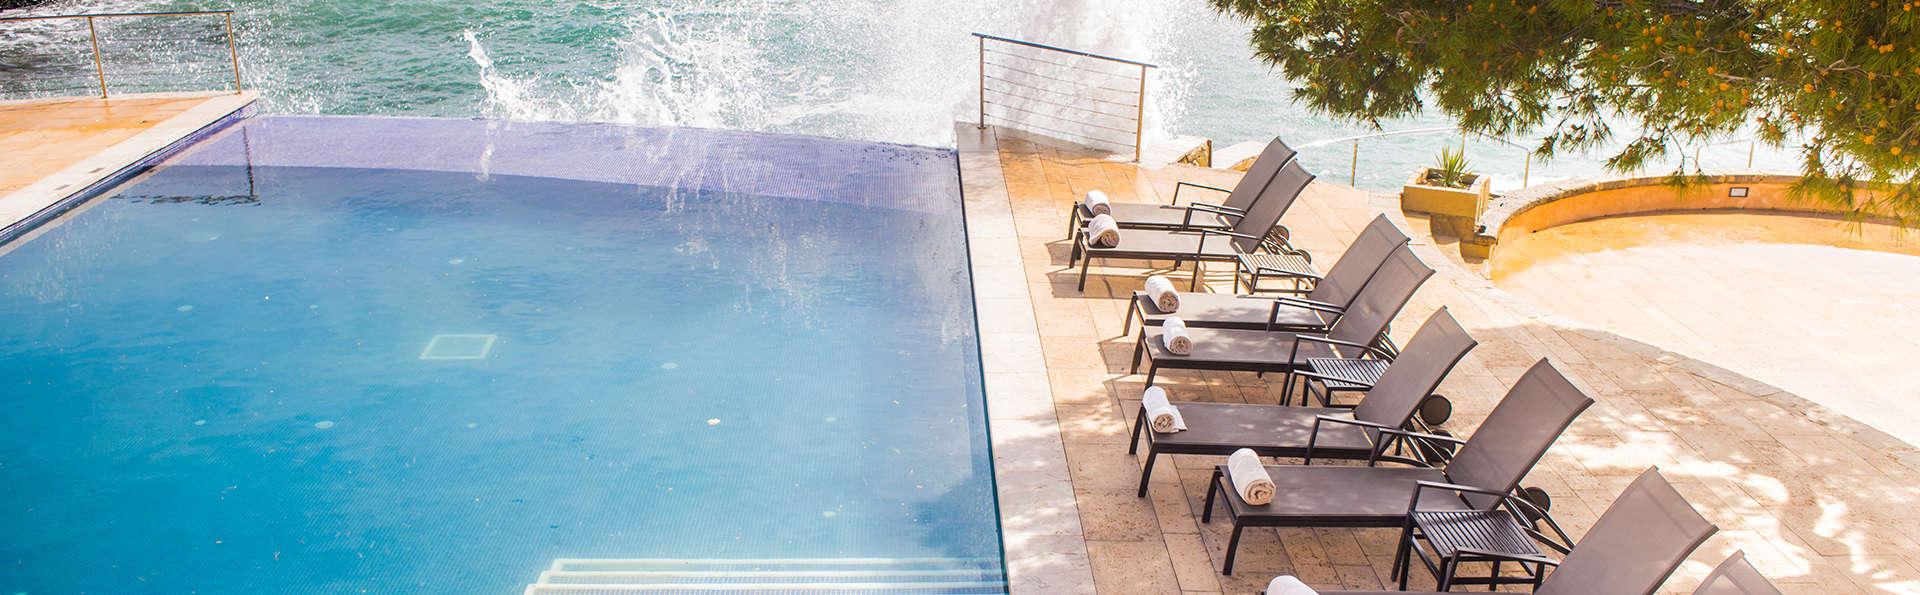 Escapada Relax en Palma de Mallorca con acceso al spa y bono descuento para tratamientos